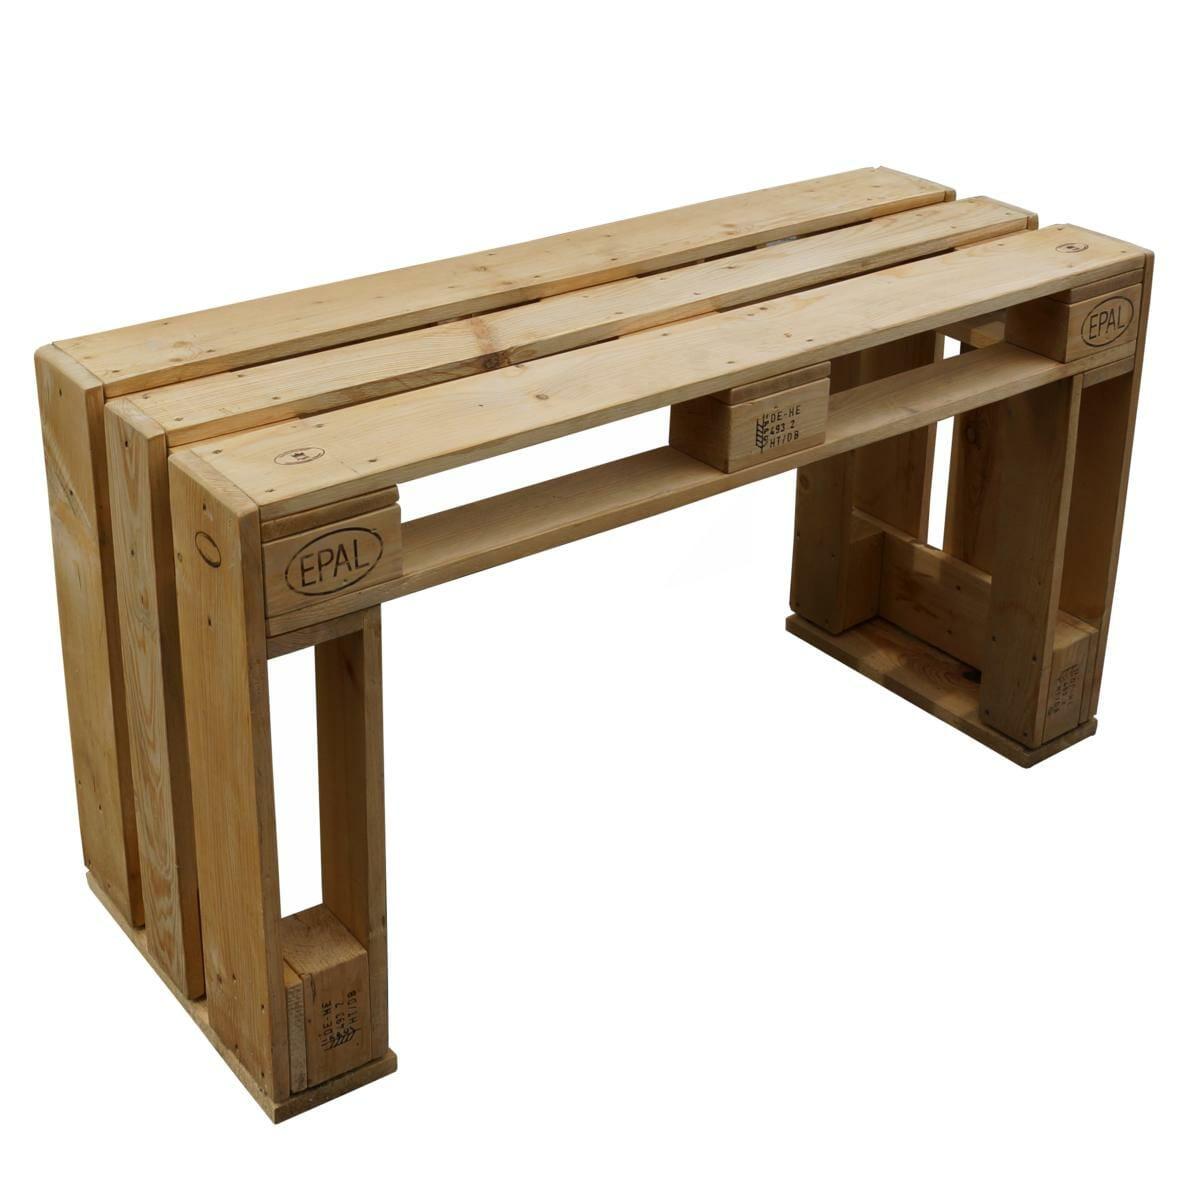 Gartenmöbel aus Europaletten- Sitzbank aus Paletten-2